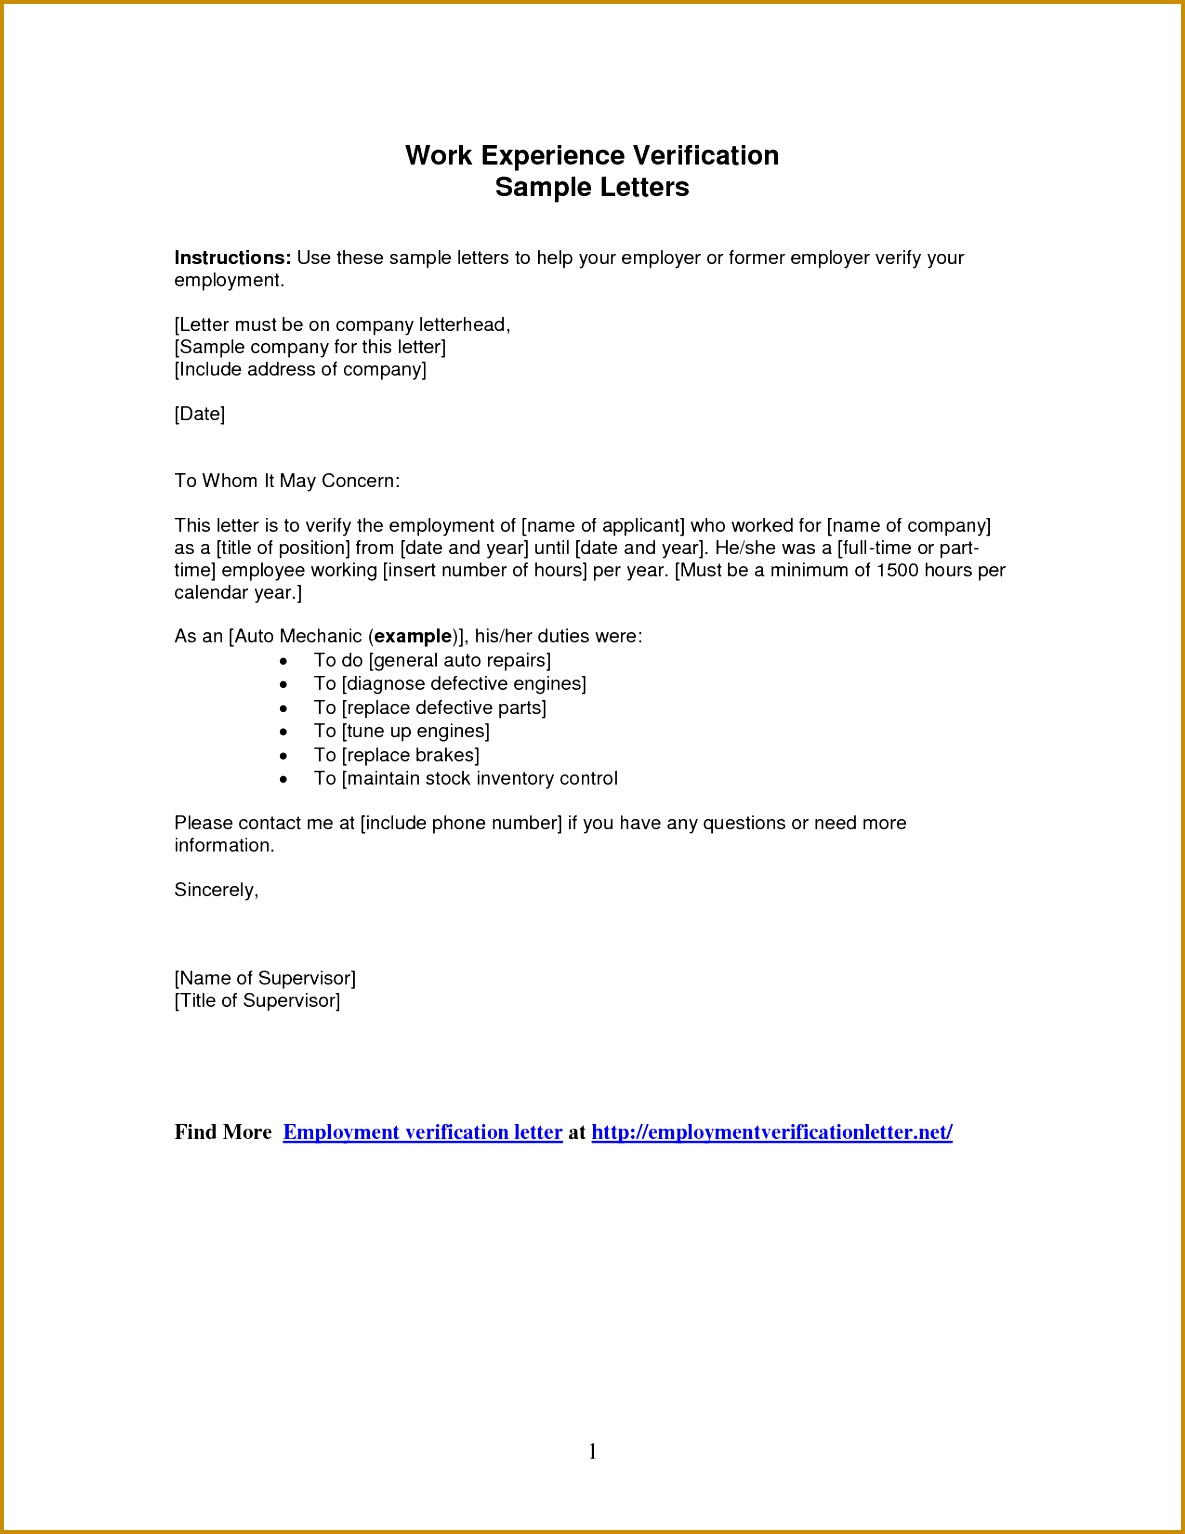 Employer Certificate Format Targergolden dragonco Best s Sample Job Letter From Employer Employer Certificate Format 8 Salary Confirmation Letter 15341185